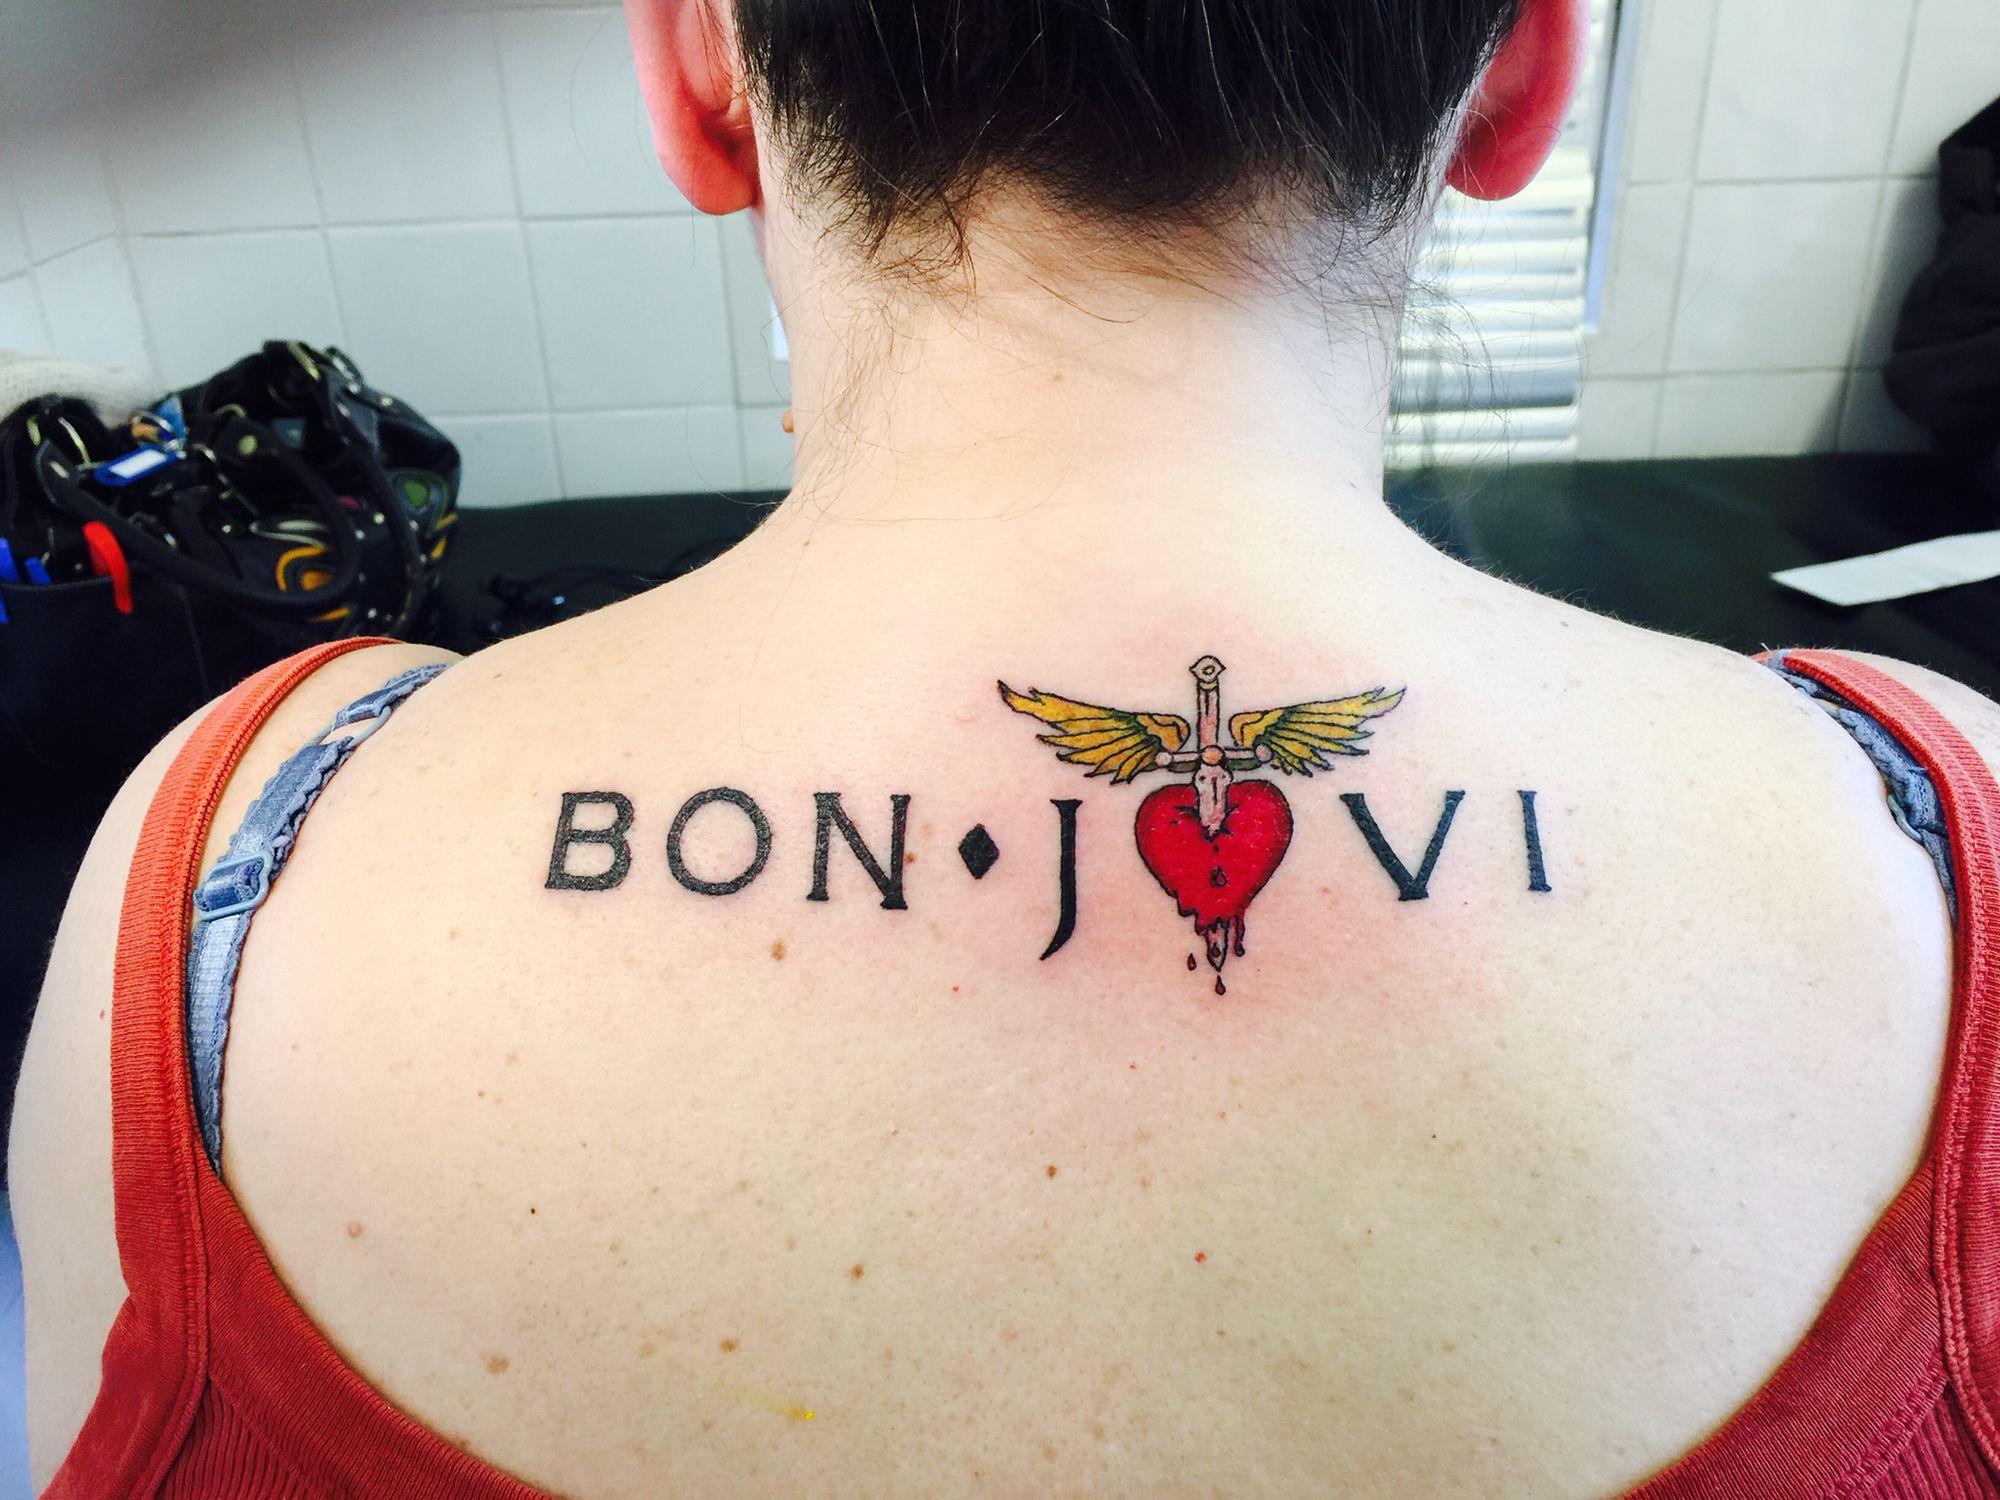 Bon jovi tattoo Tatuagem, Tatoo, Tatuagens